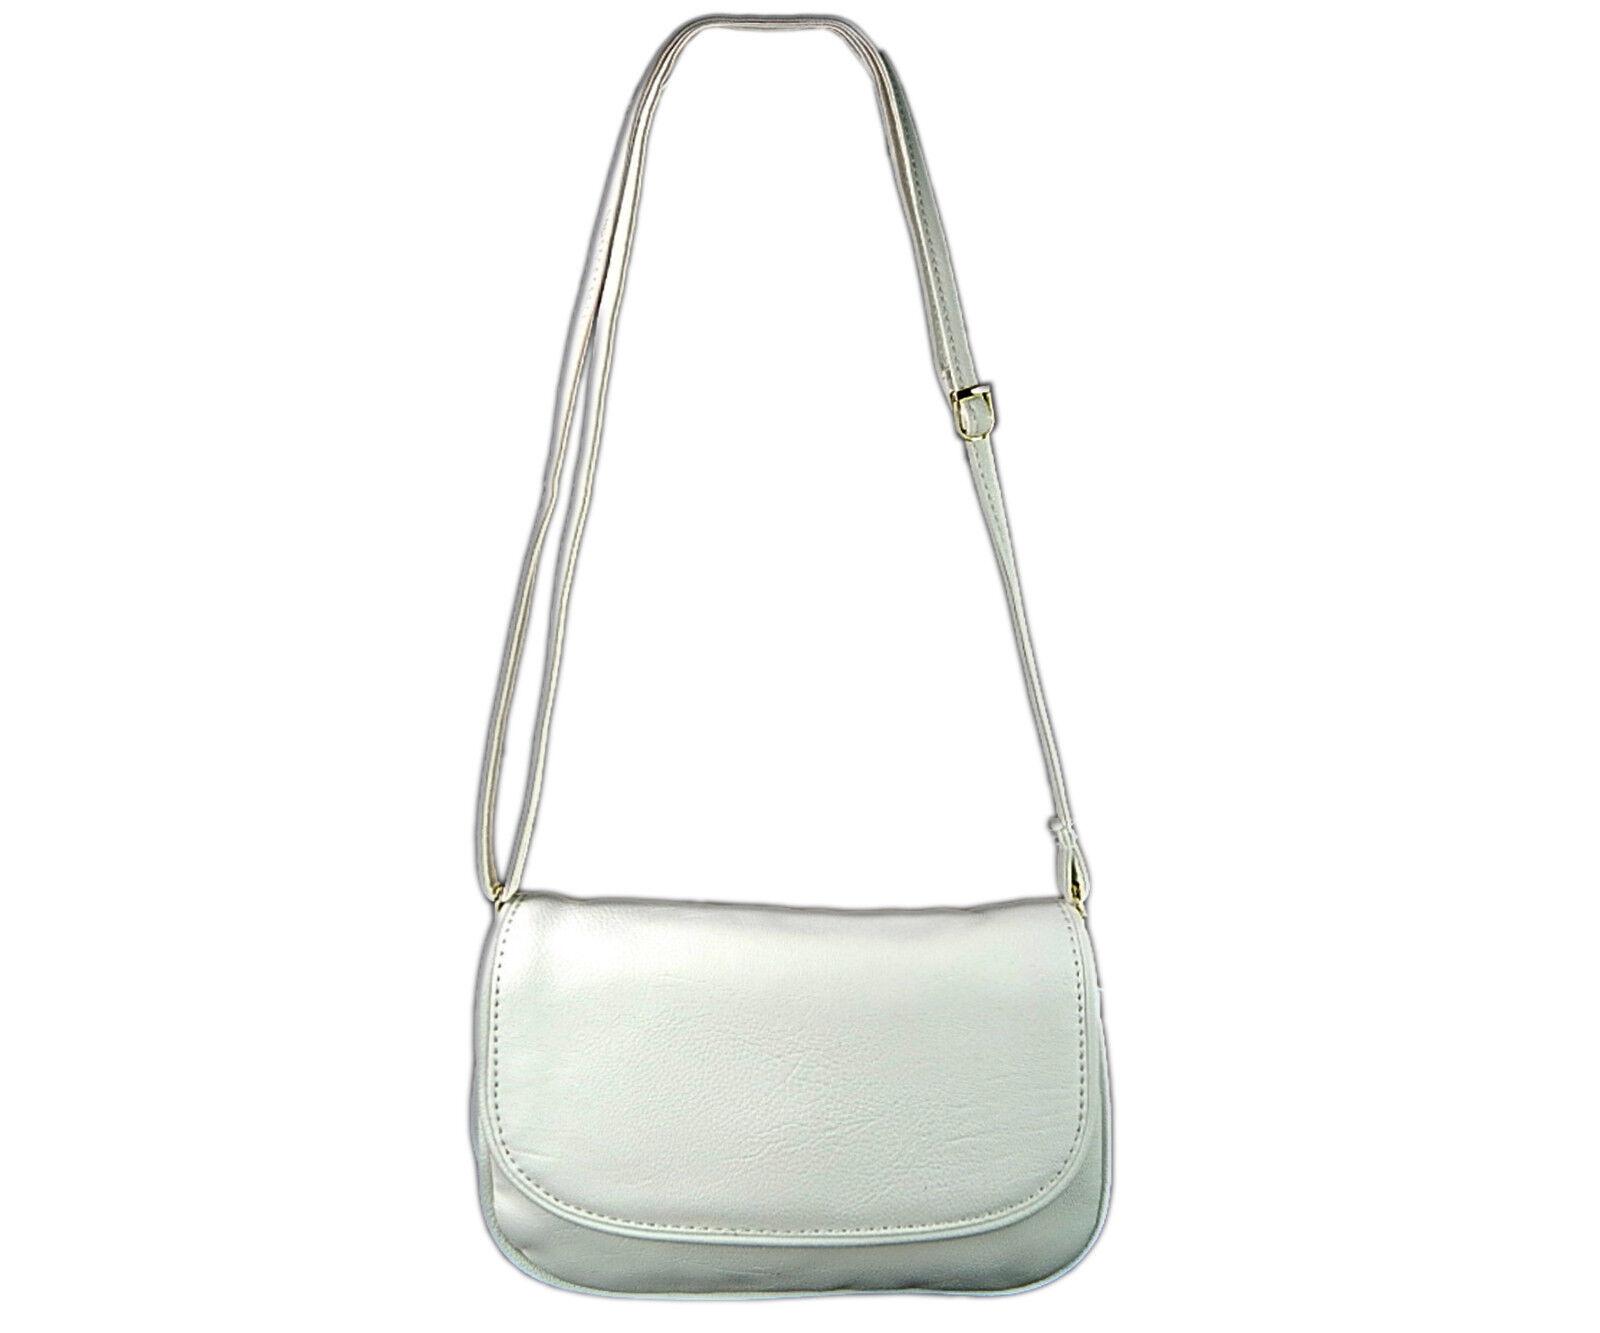 Abendtasche Frauen Exklusive Premium Kleine Handtasche Umhängetasche Weiß 1